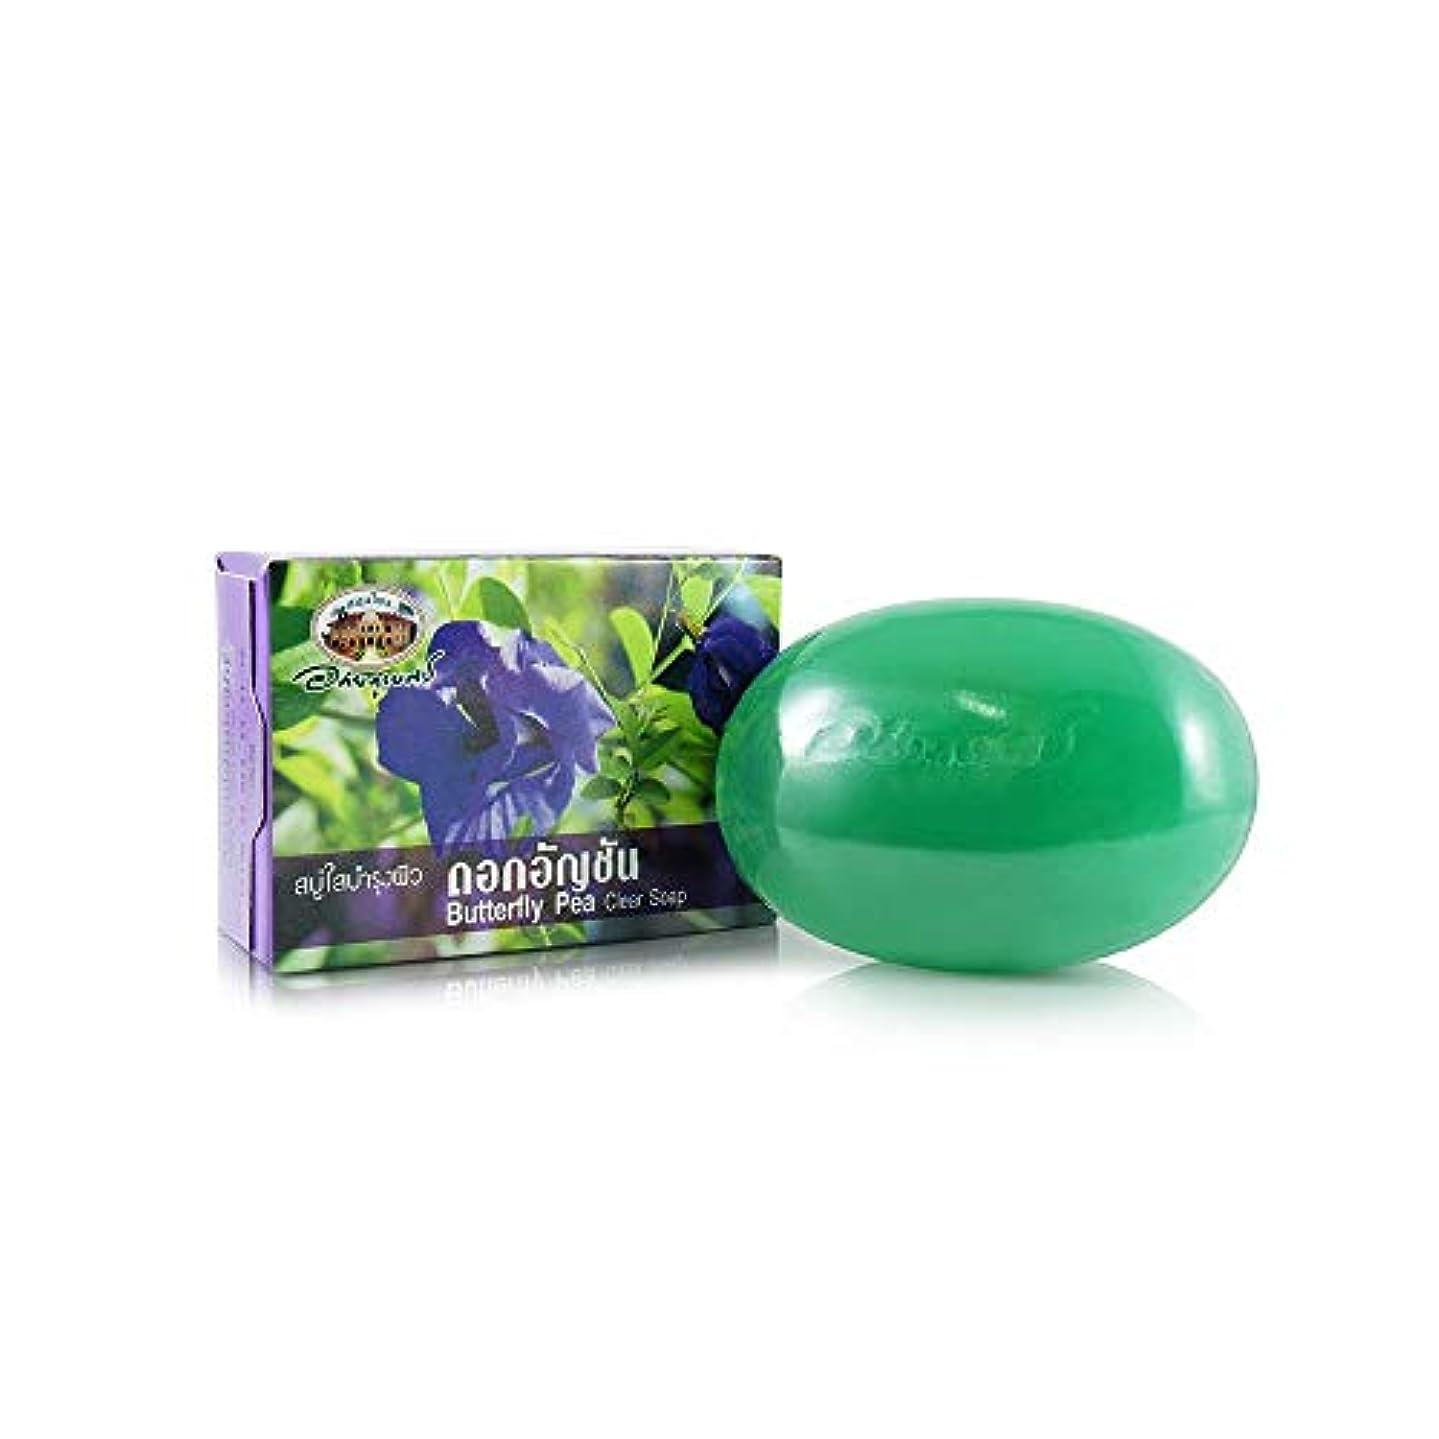 いたずらなきらめく従事したAbhaibhubejhr Pea Flowers Vitamin E Herbal Body Cleaning Soap 100g. Abhaibhubejhrピー花ビタミンEハーブボディクリーニングソープ100グラム。